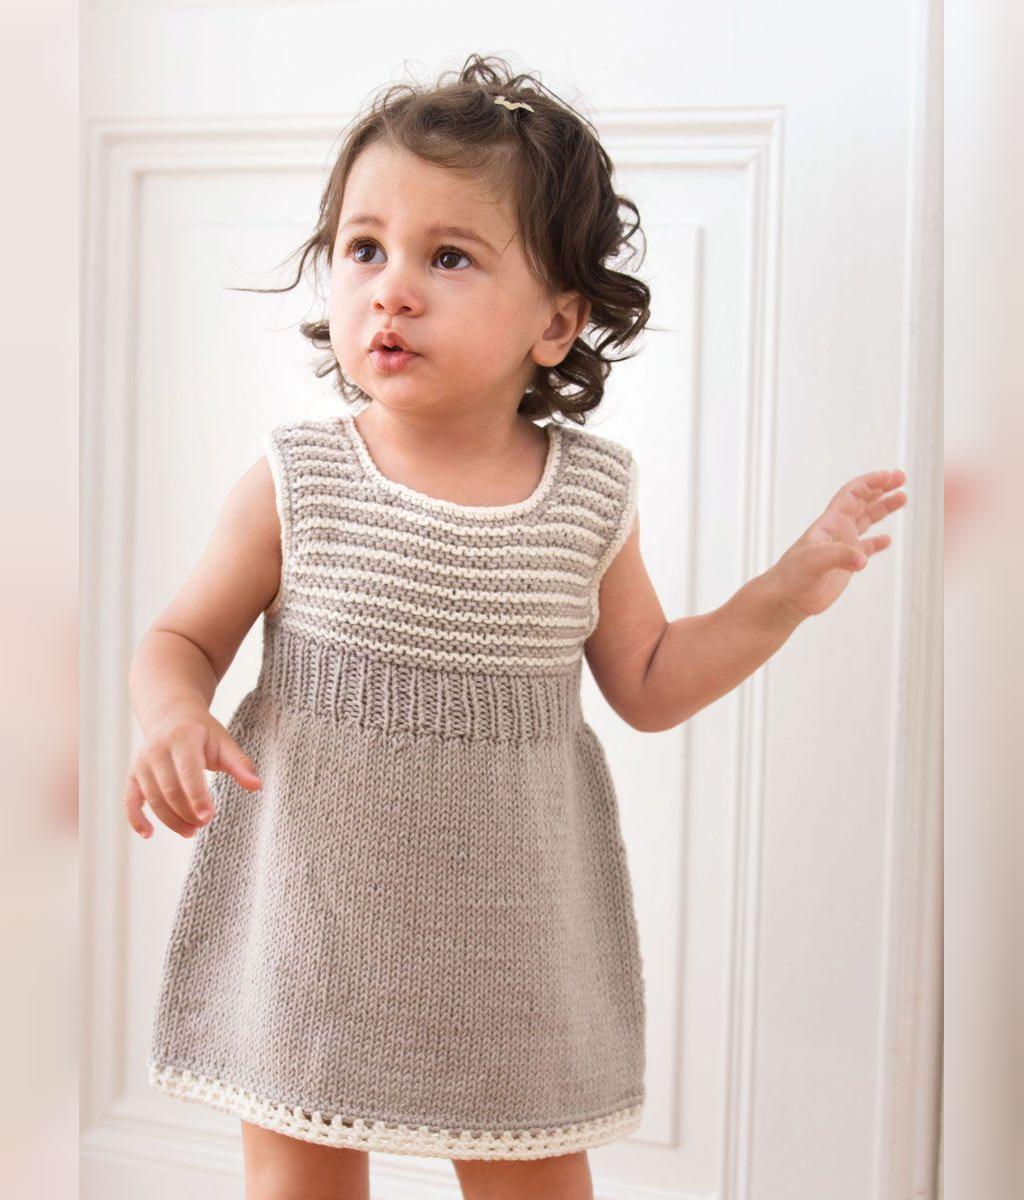 مدل پیراهن دخترانه قلاب بافی زیبا و ساده